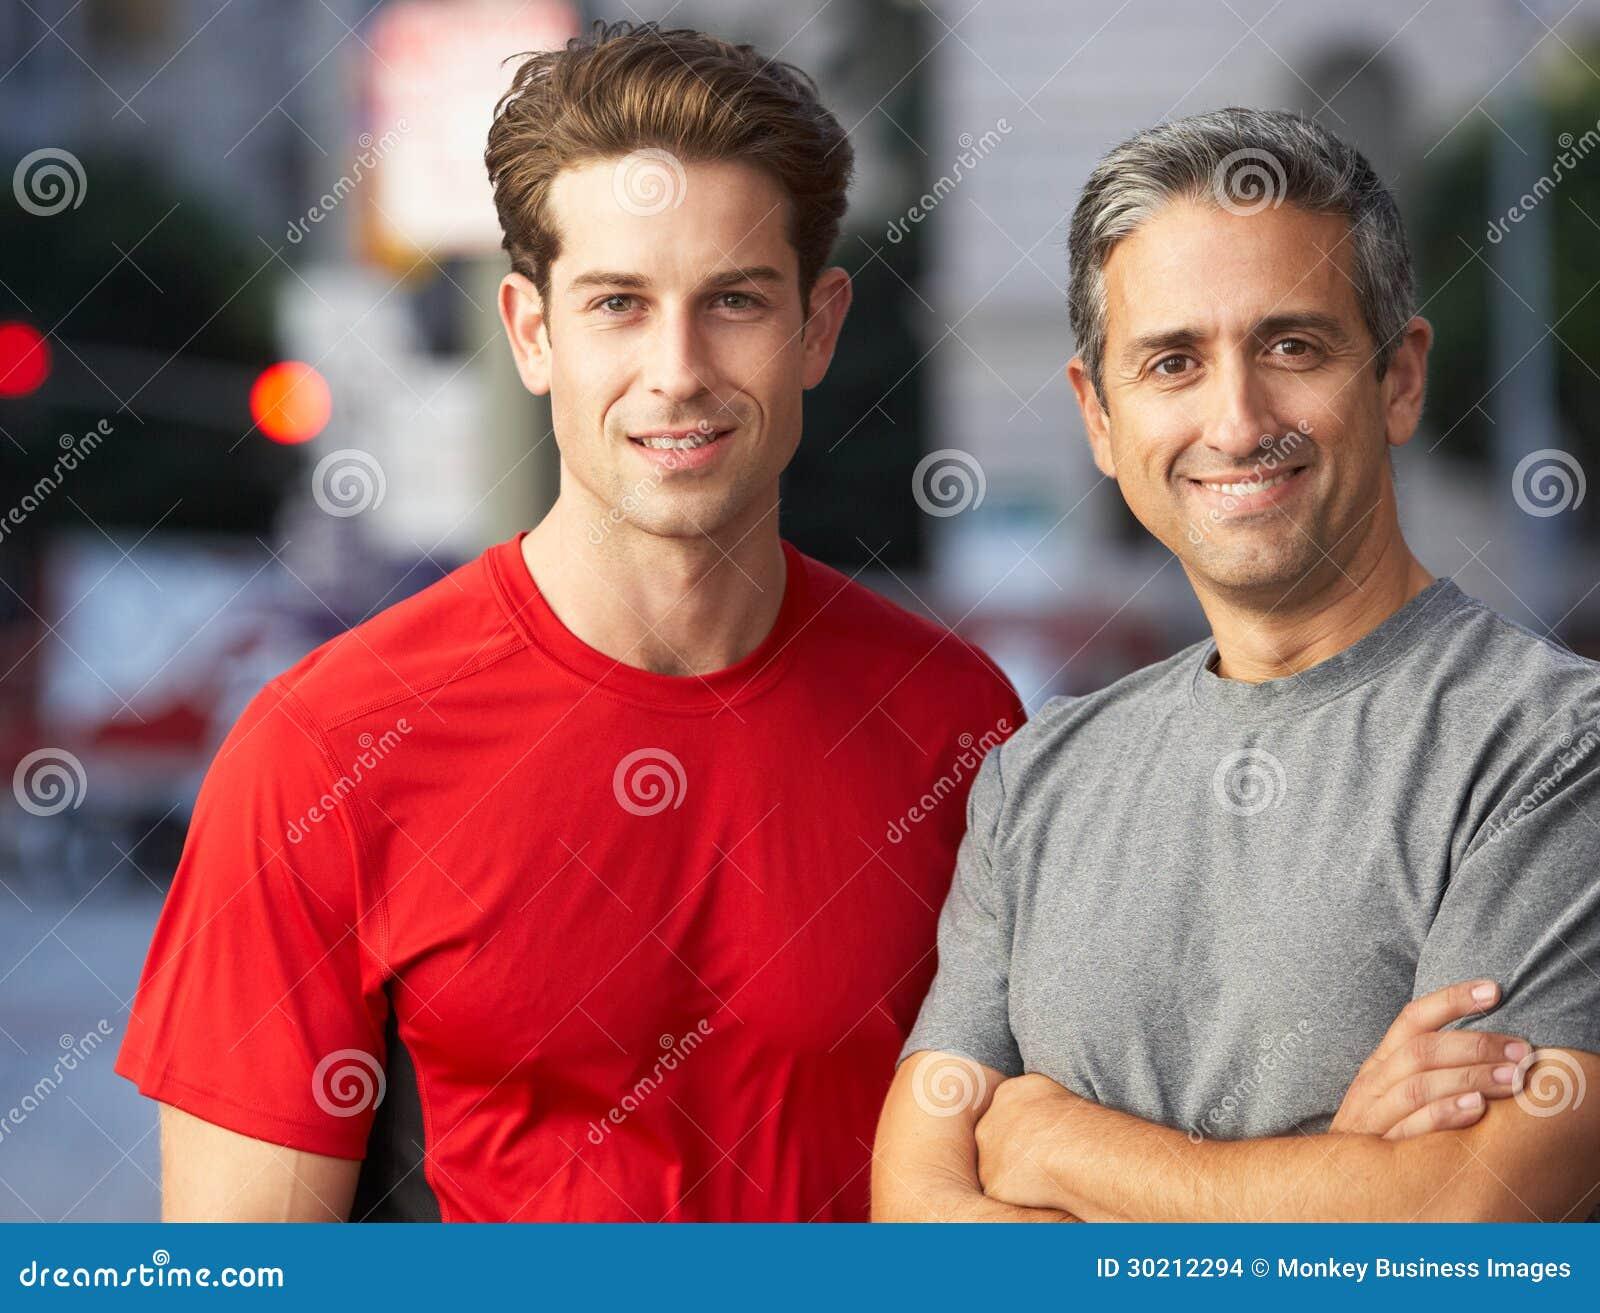 Портрет 2 мужских бегунов на городской улице